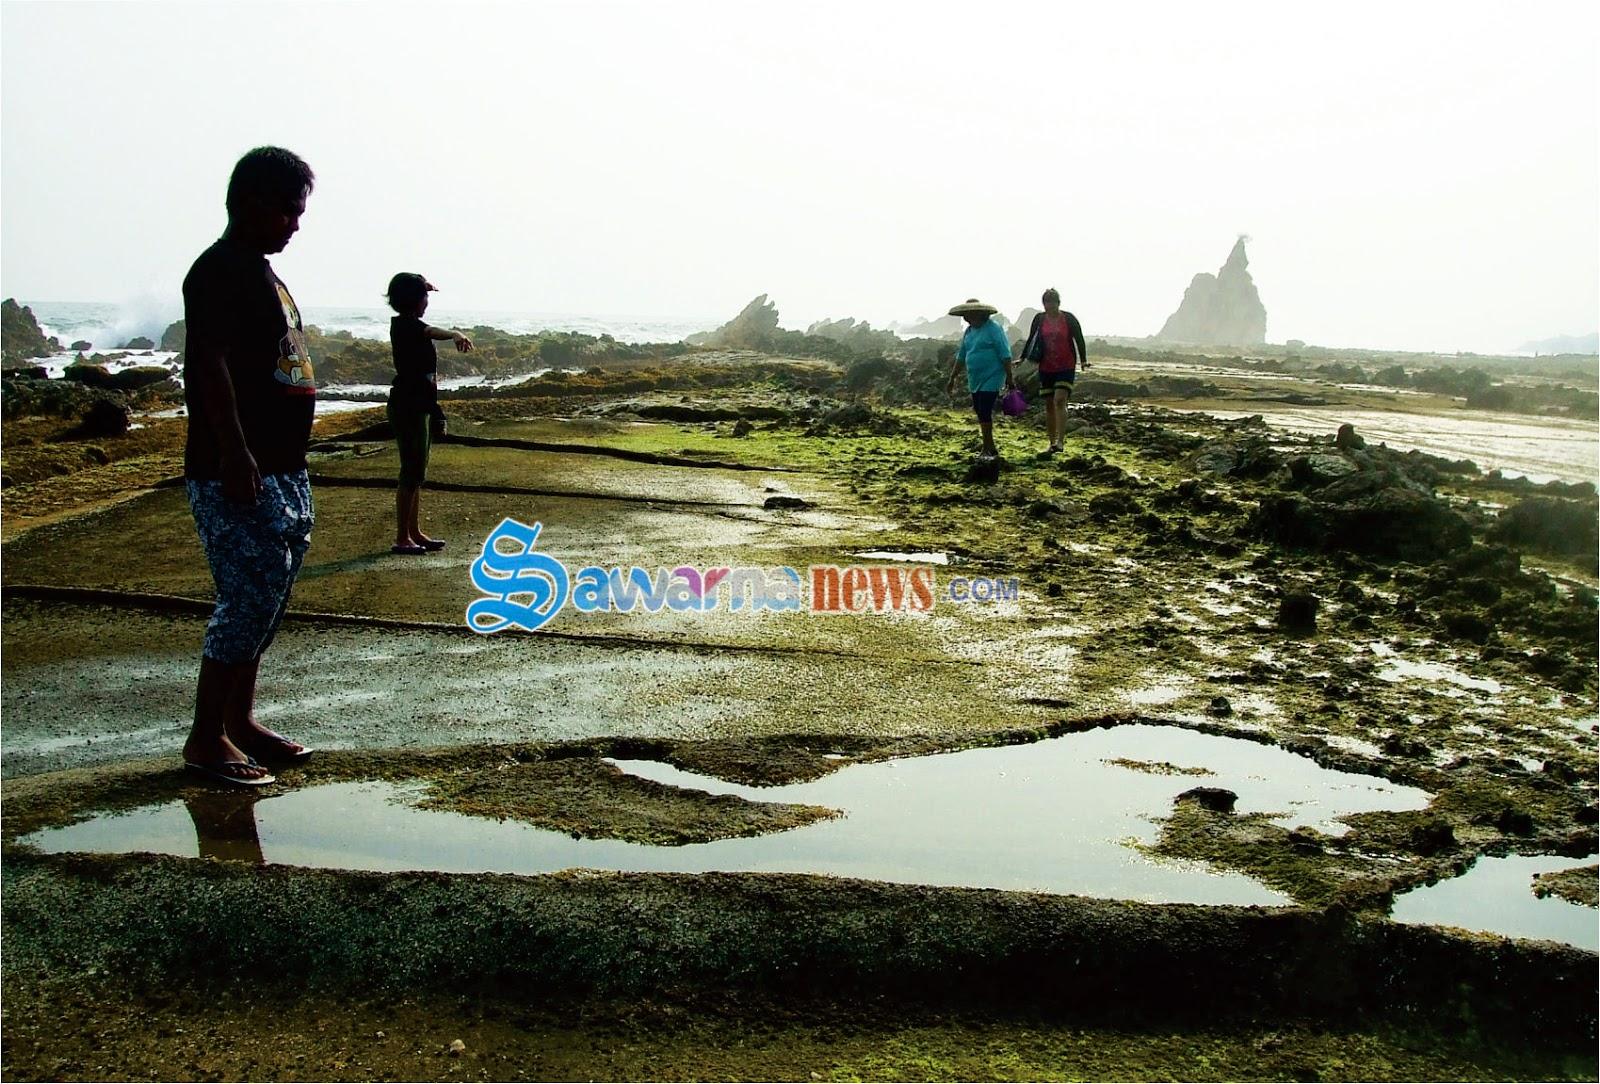 Tapak Kaki Kabayan Objek Wisata Pantai Sawarna Villa Informasi Reservasi